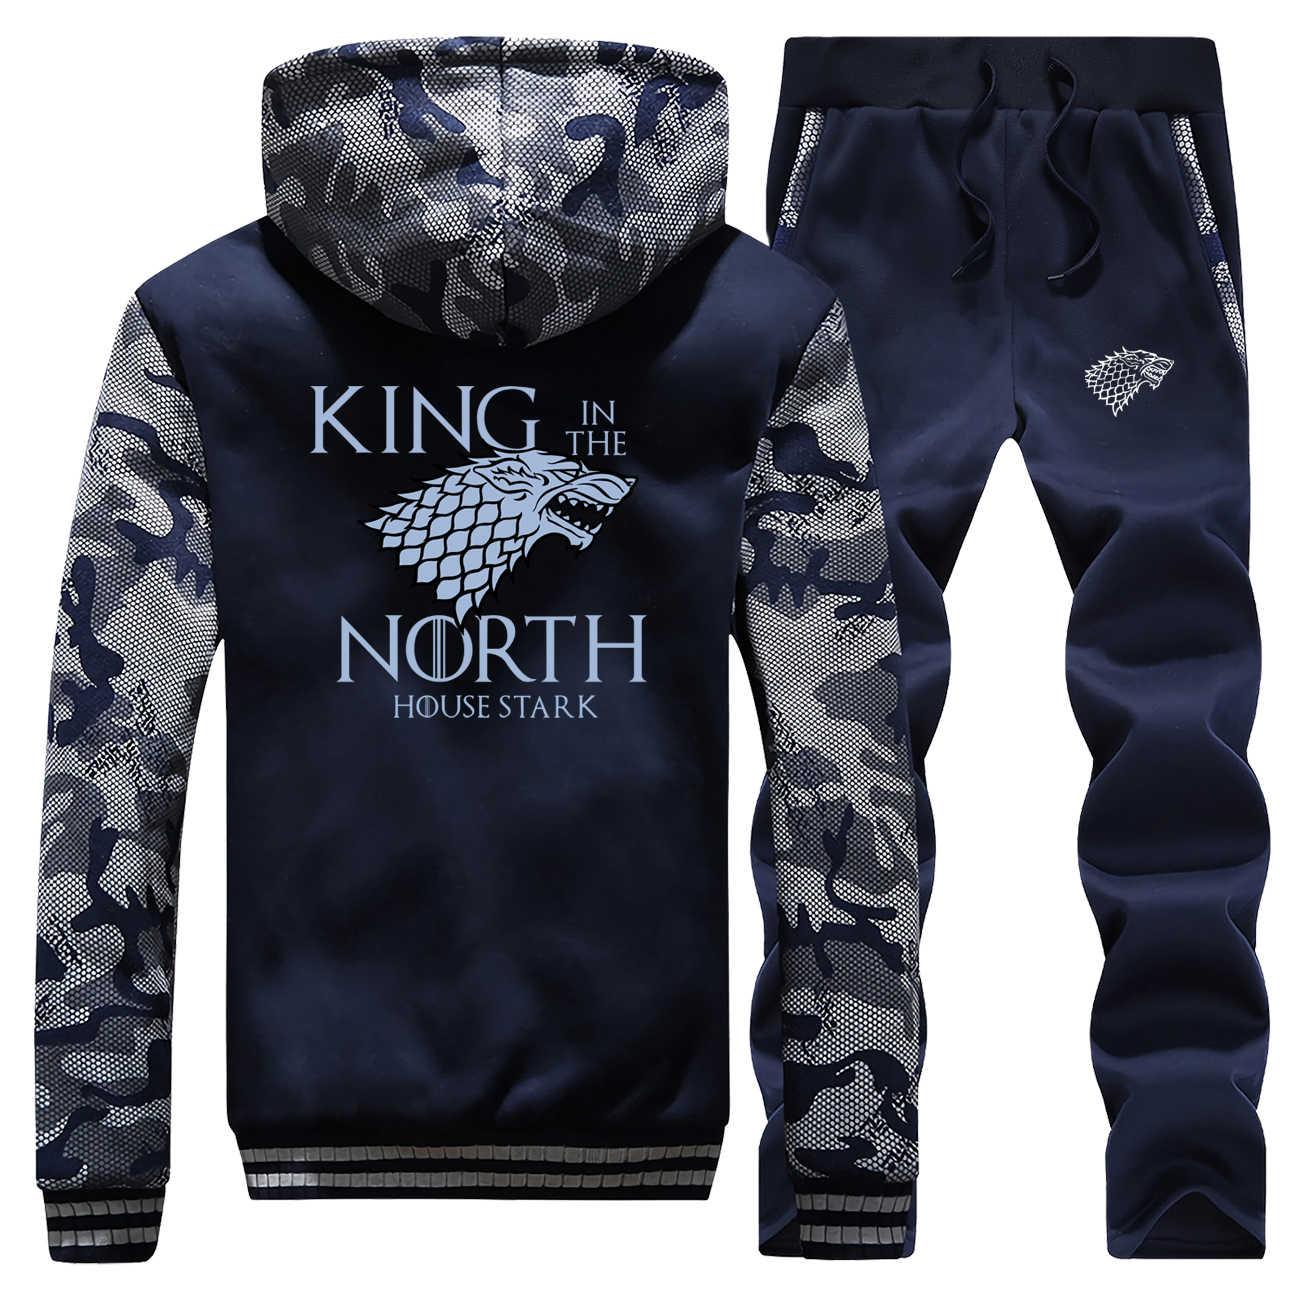 גברים Camo סטי תכנית טלוויזיה משחק של הכס מלא איש אימונית מלך בצפון מעיל צמר מקרית טרנינג חורף streetwear